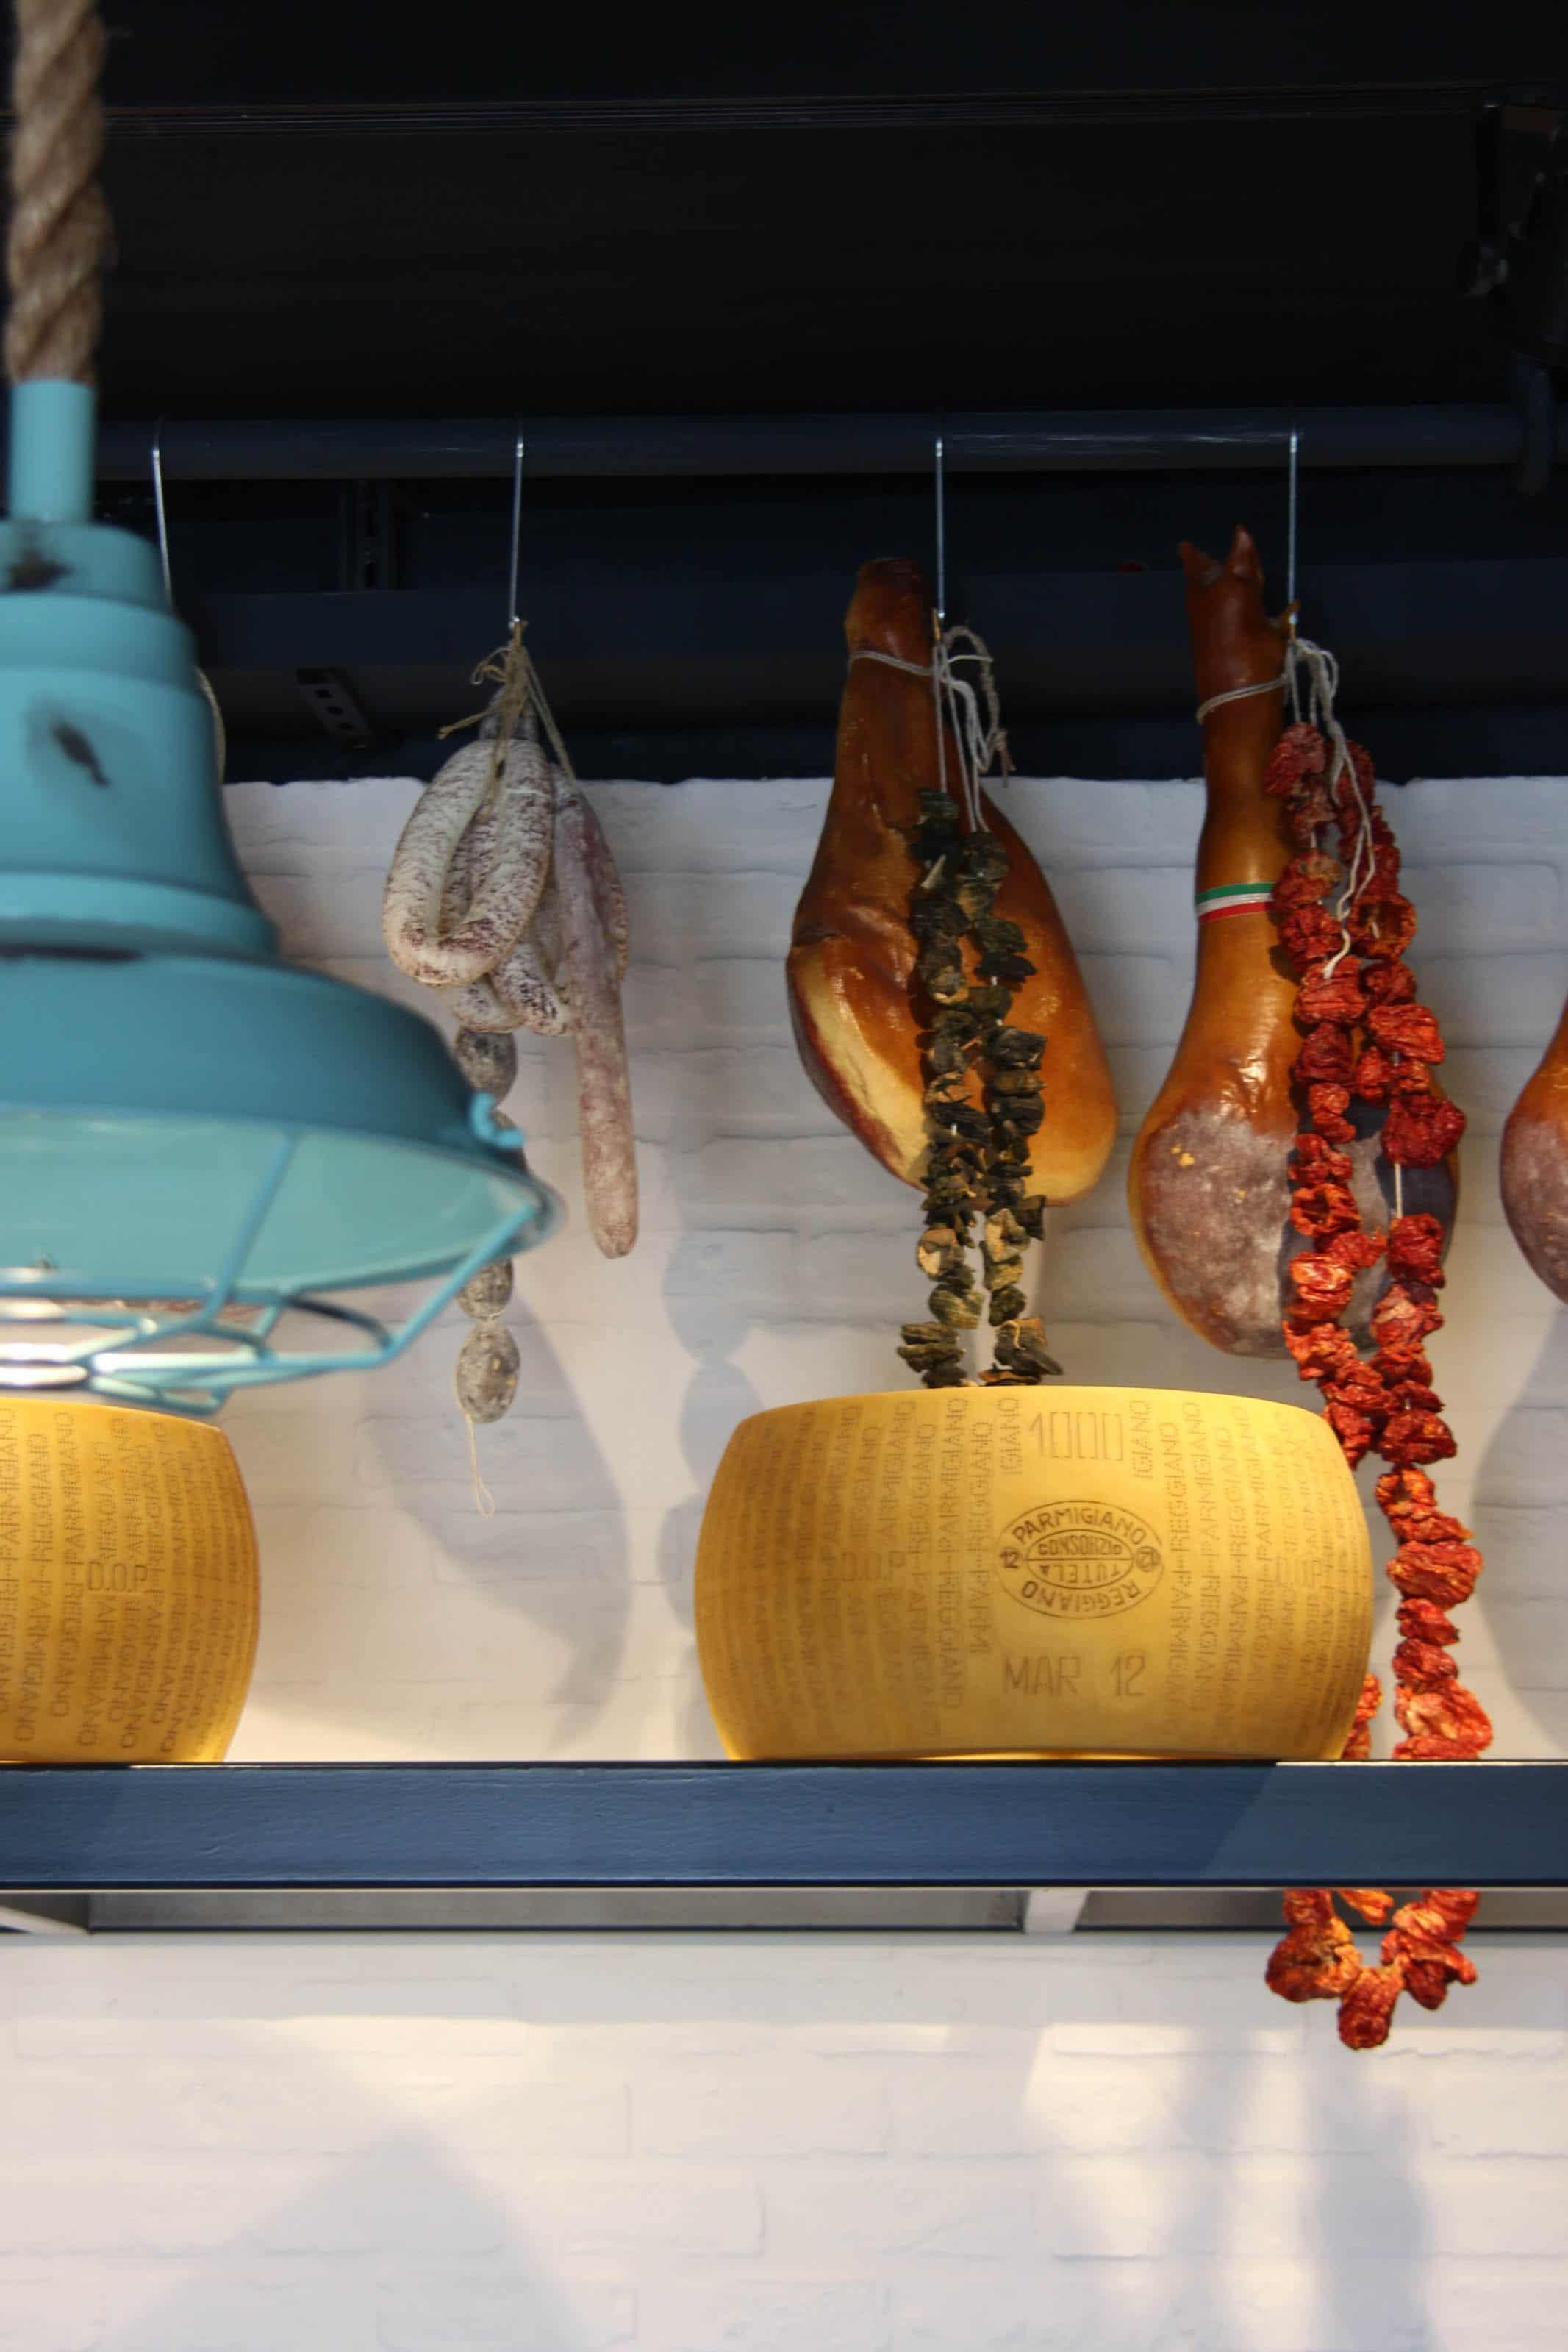 Deli with authentic Parmesan and prosciutto crudo.